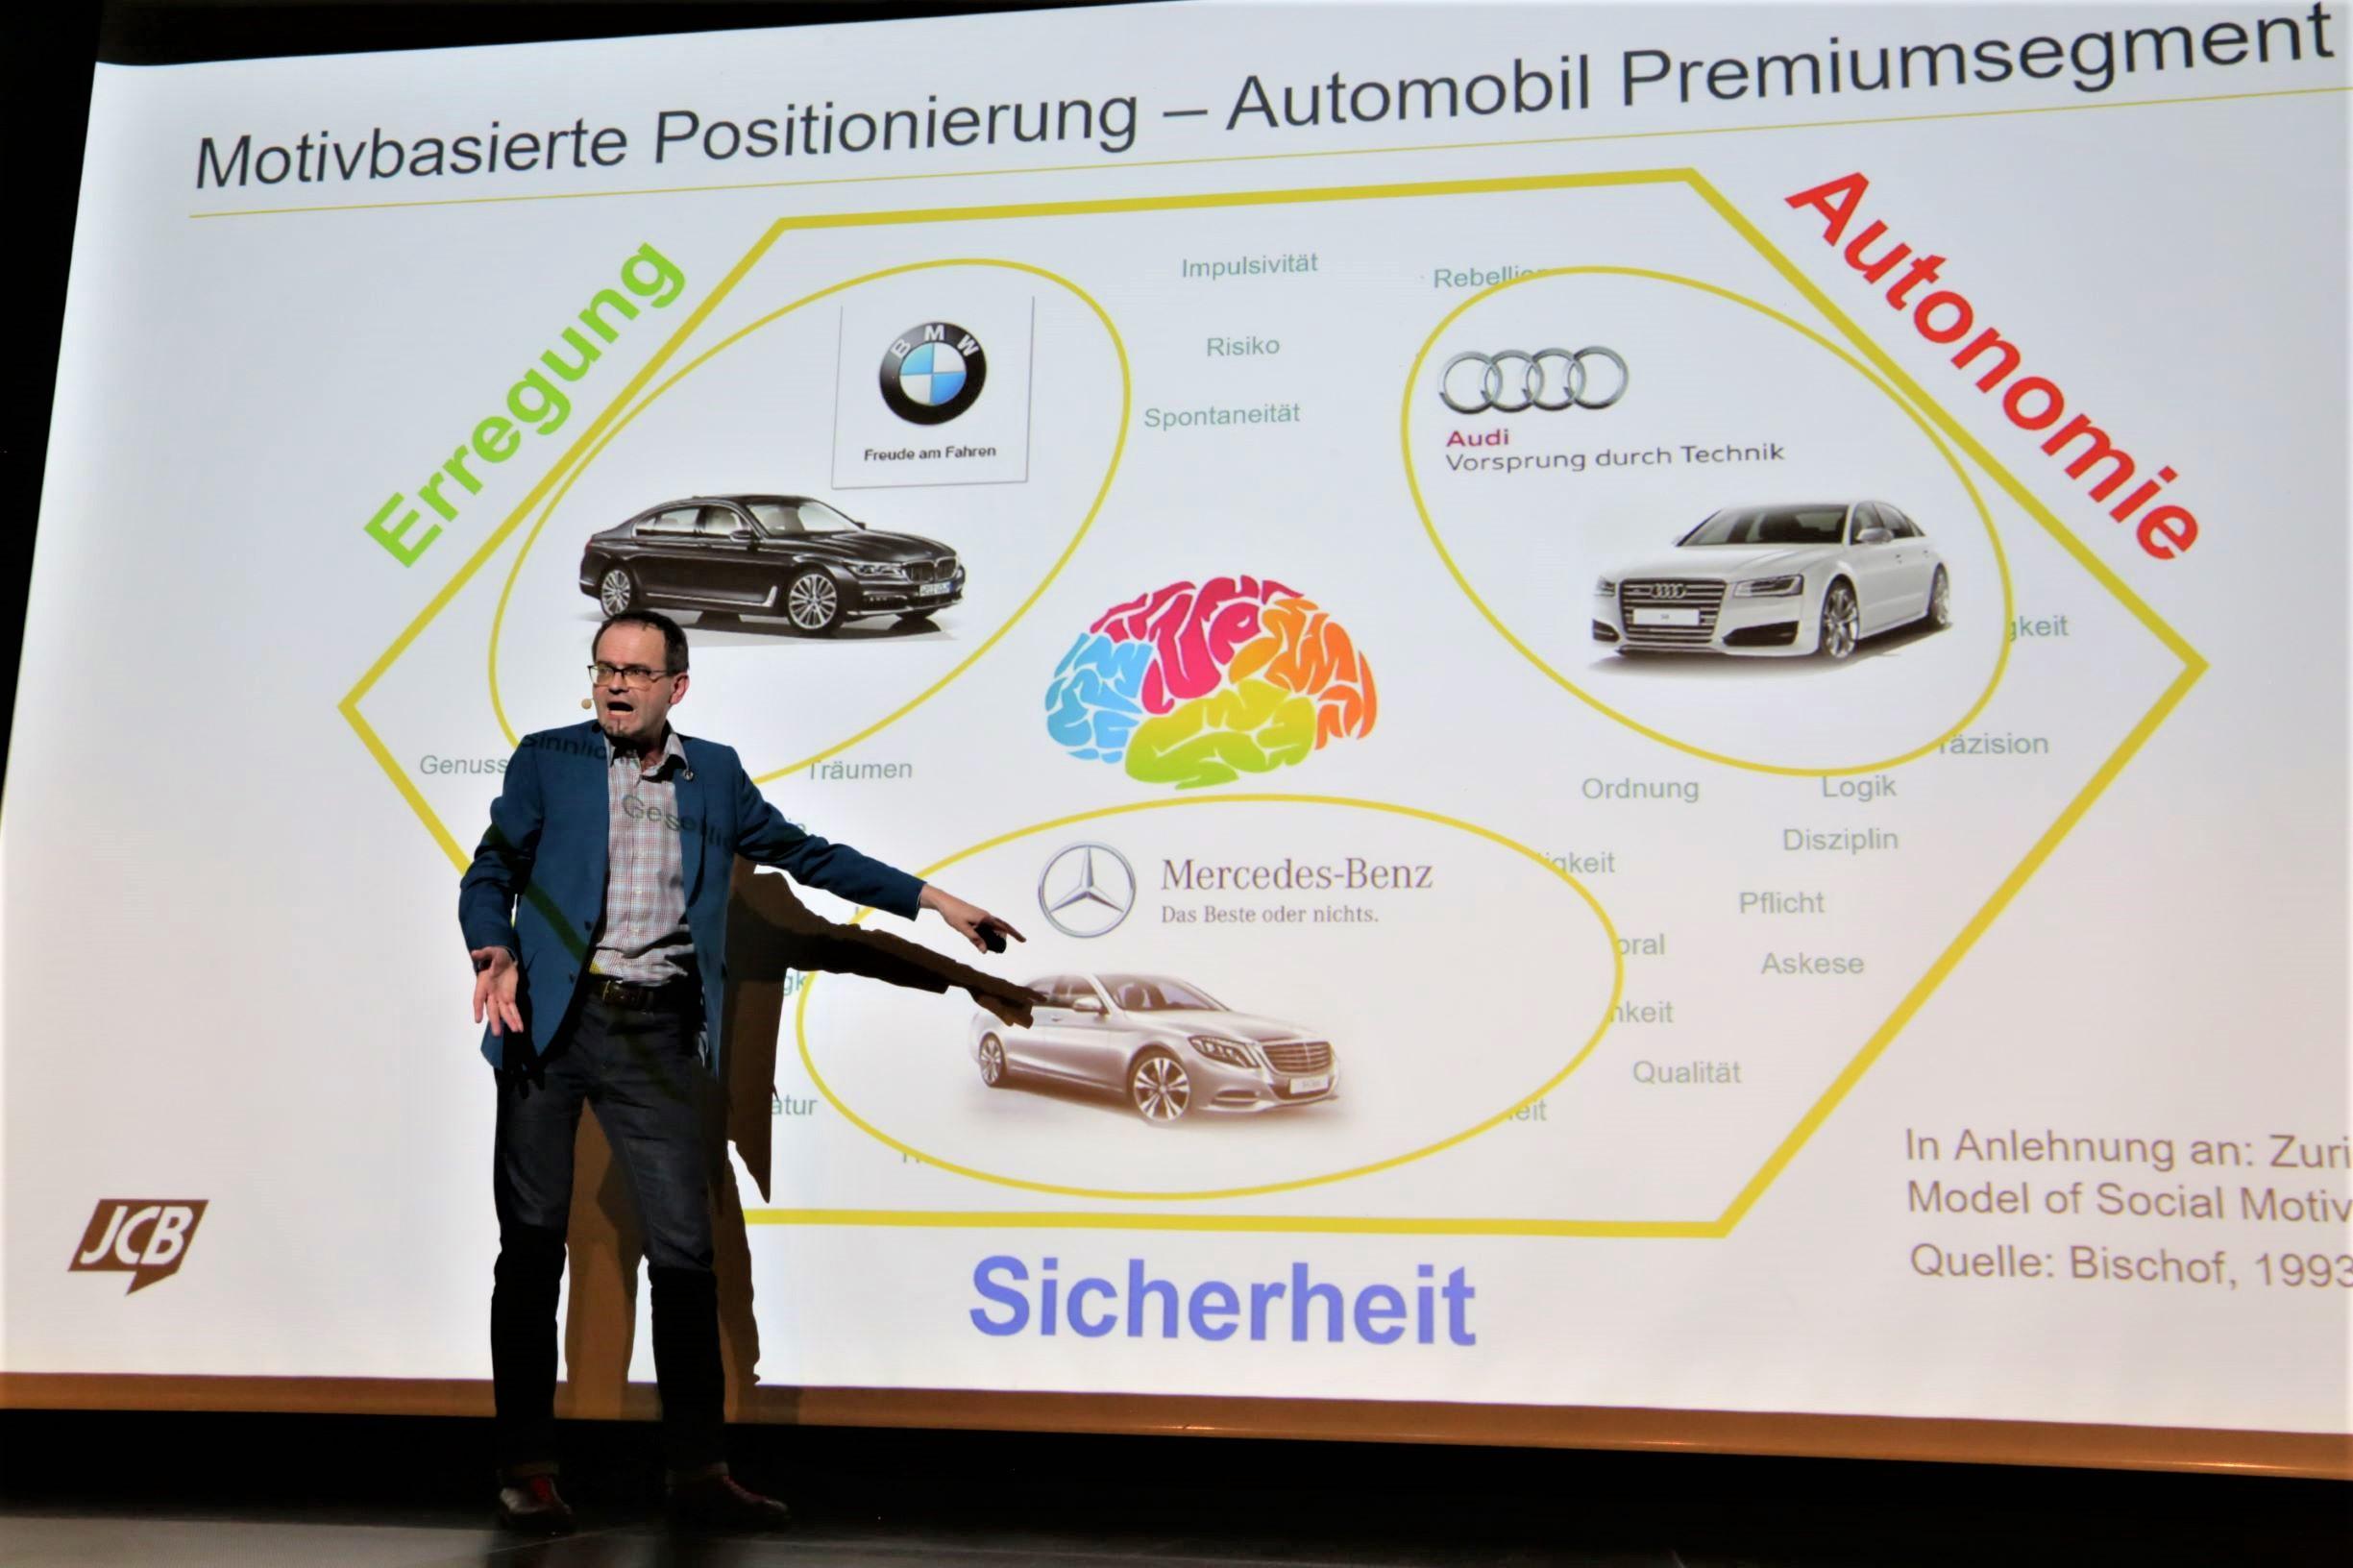 Die begehrten Premium-Automobilmarken machen es vor. (in der Mitte ist Opel, und die müssen Rabatt geben.)